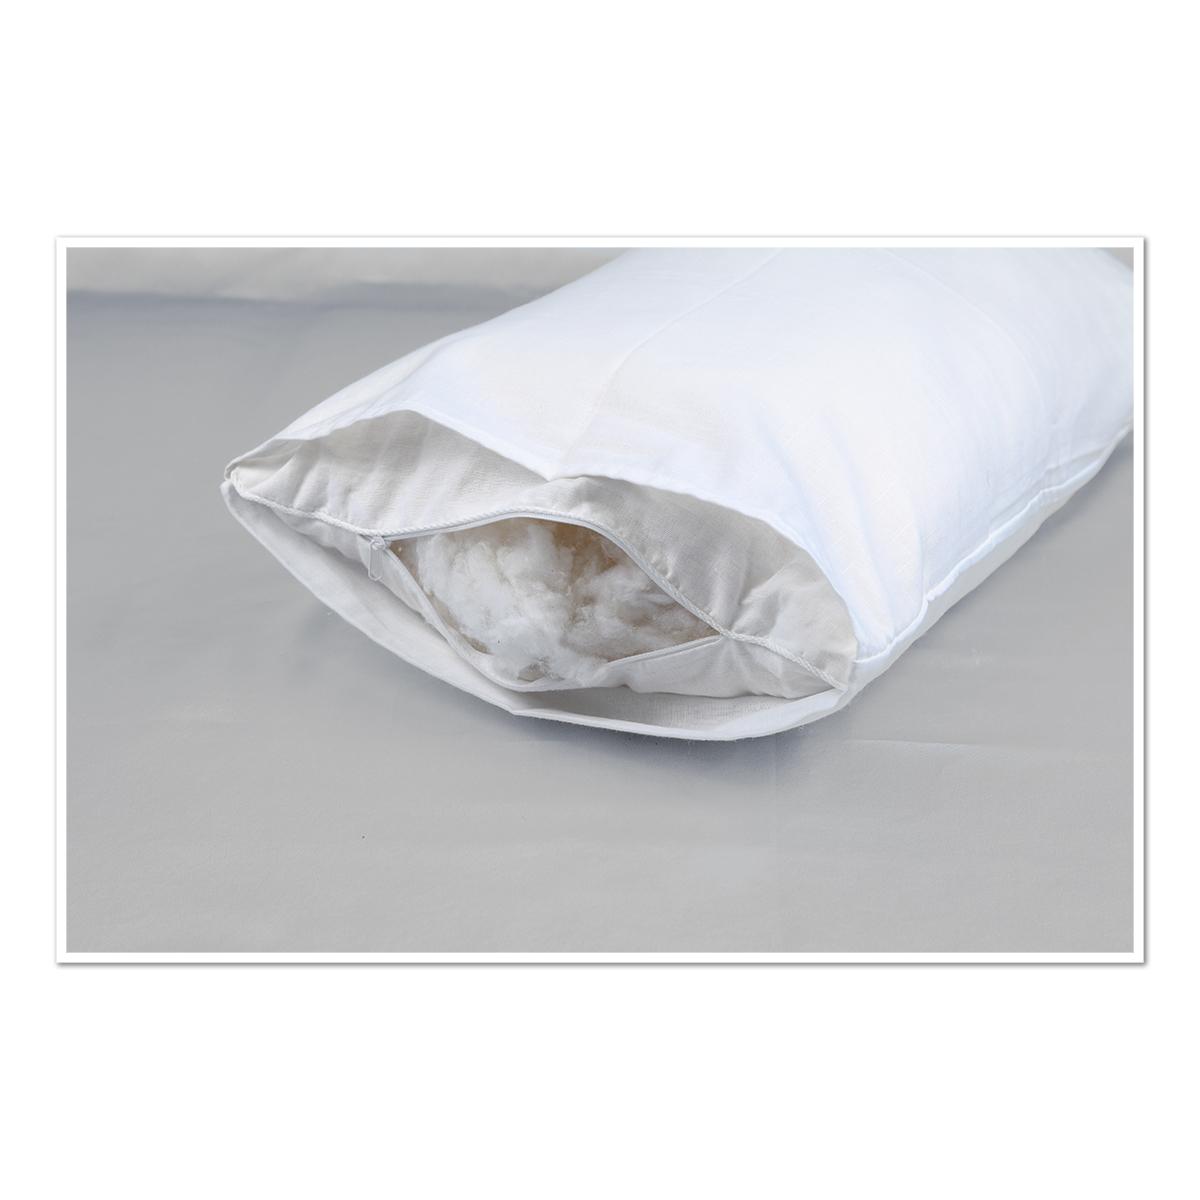 Подушка Льняная Бамбук, размер Подушка 40х60Подушки<br>Чехол: С кантом, на молнии <br>Регулировка высоты: Возможна<br><br>Тип: Подушка<br>Размер: 40х60<br>Материал: Лен